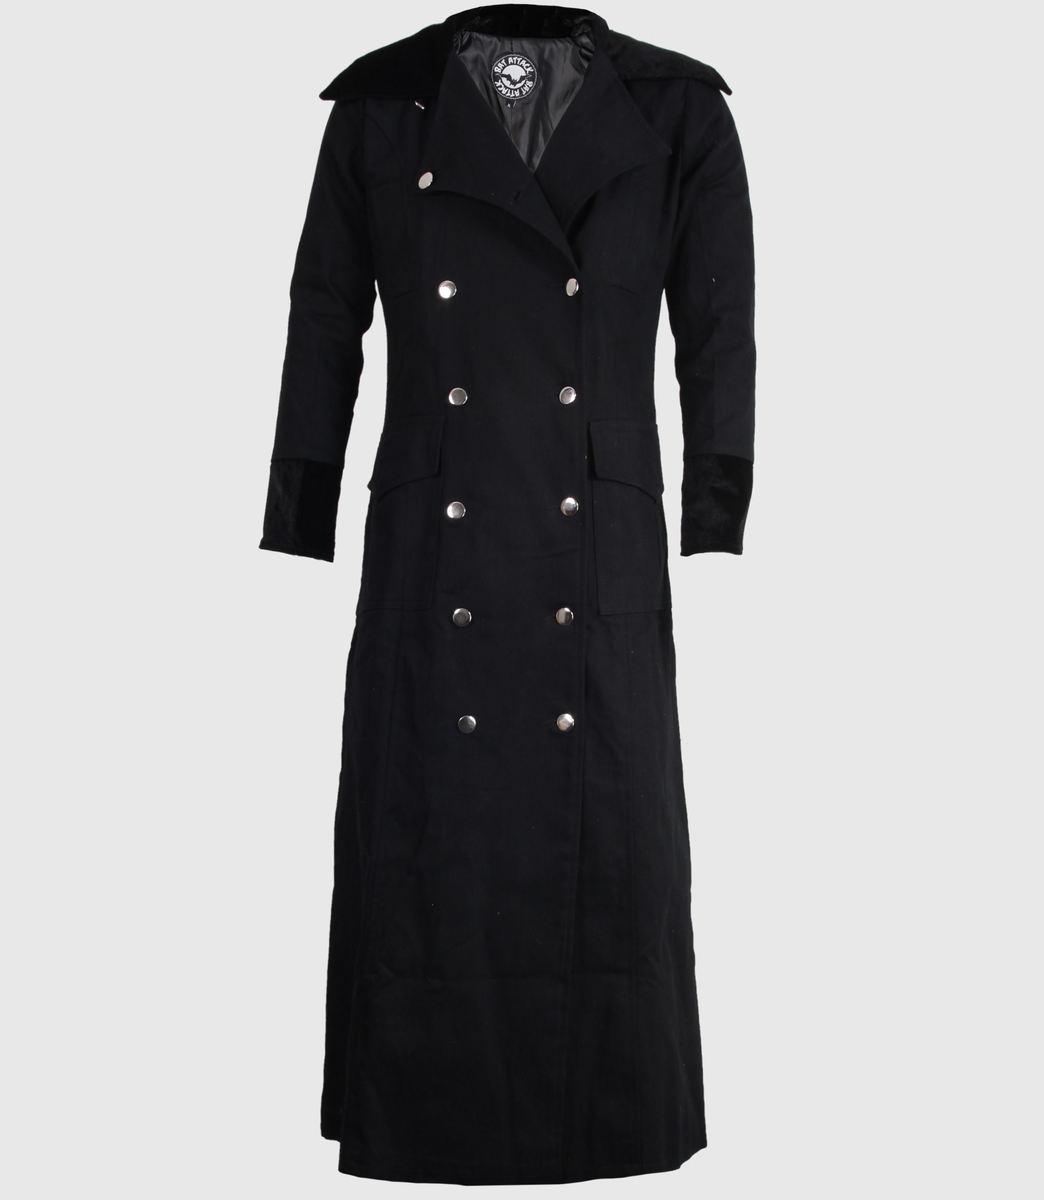 kabát pánský jarně/podzimní - FDTD43723